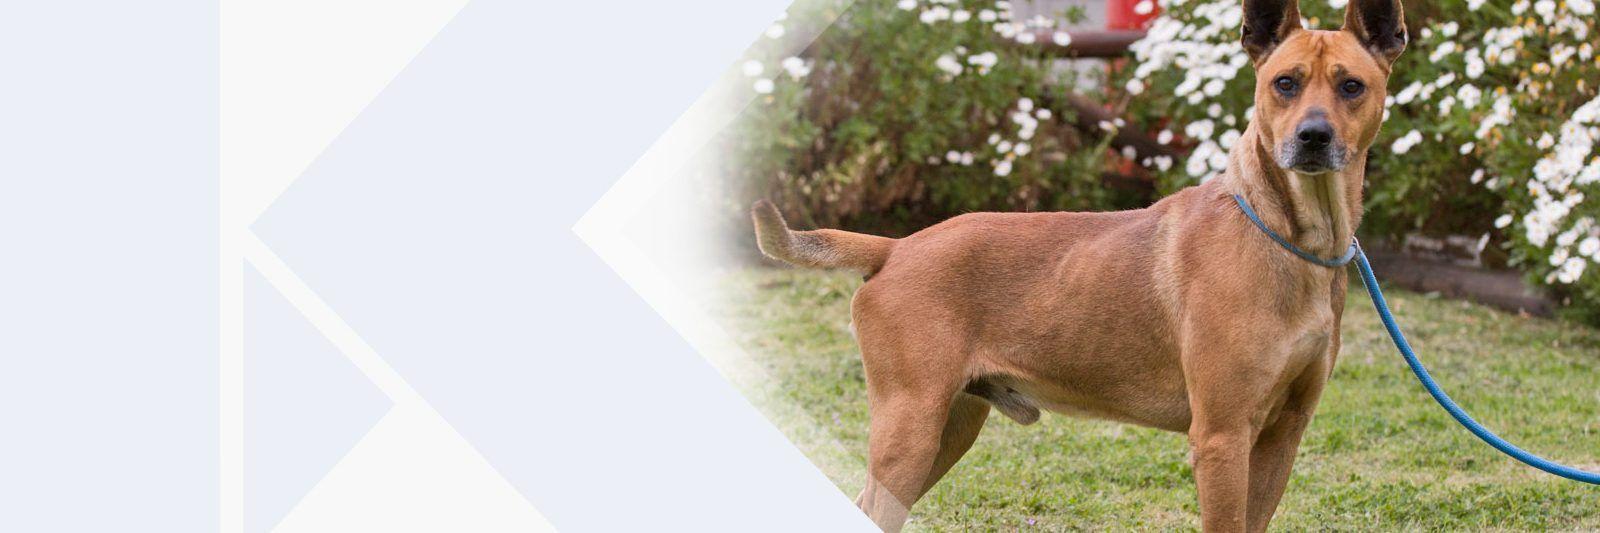 1506426349 27 hond gedagtes marcie